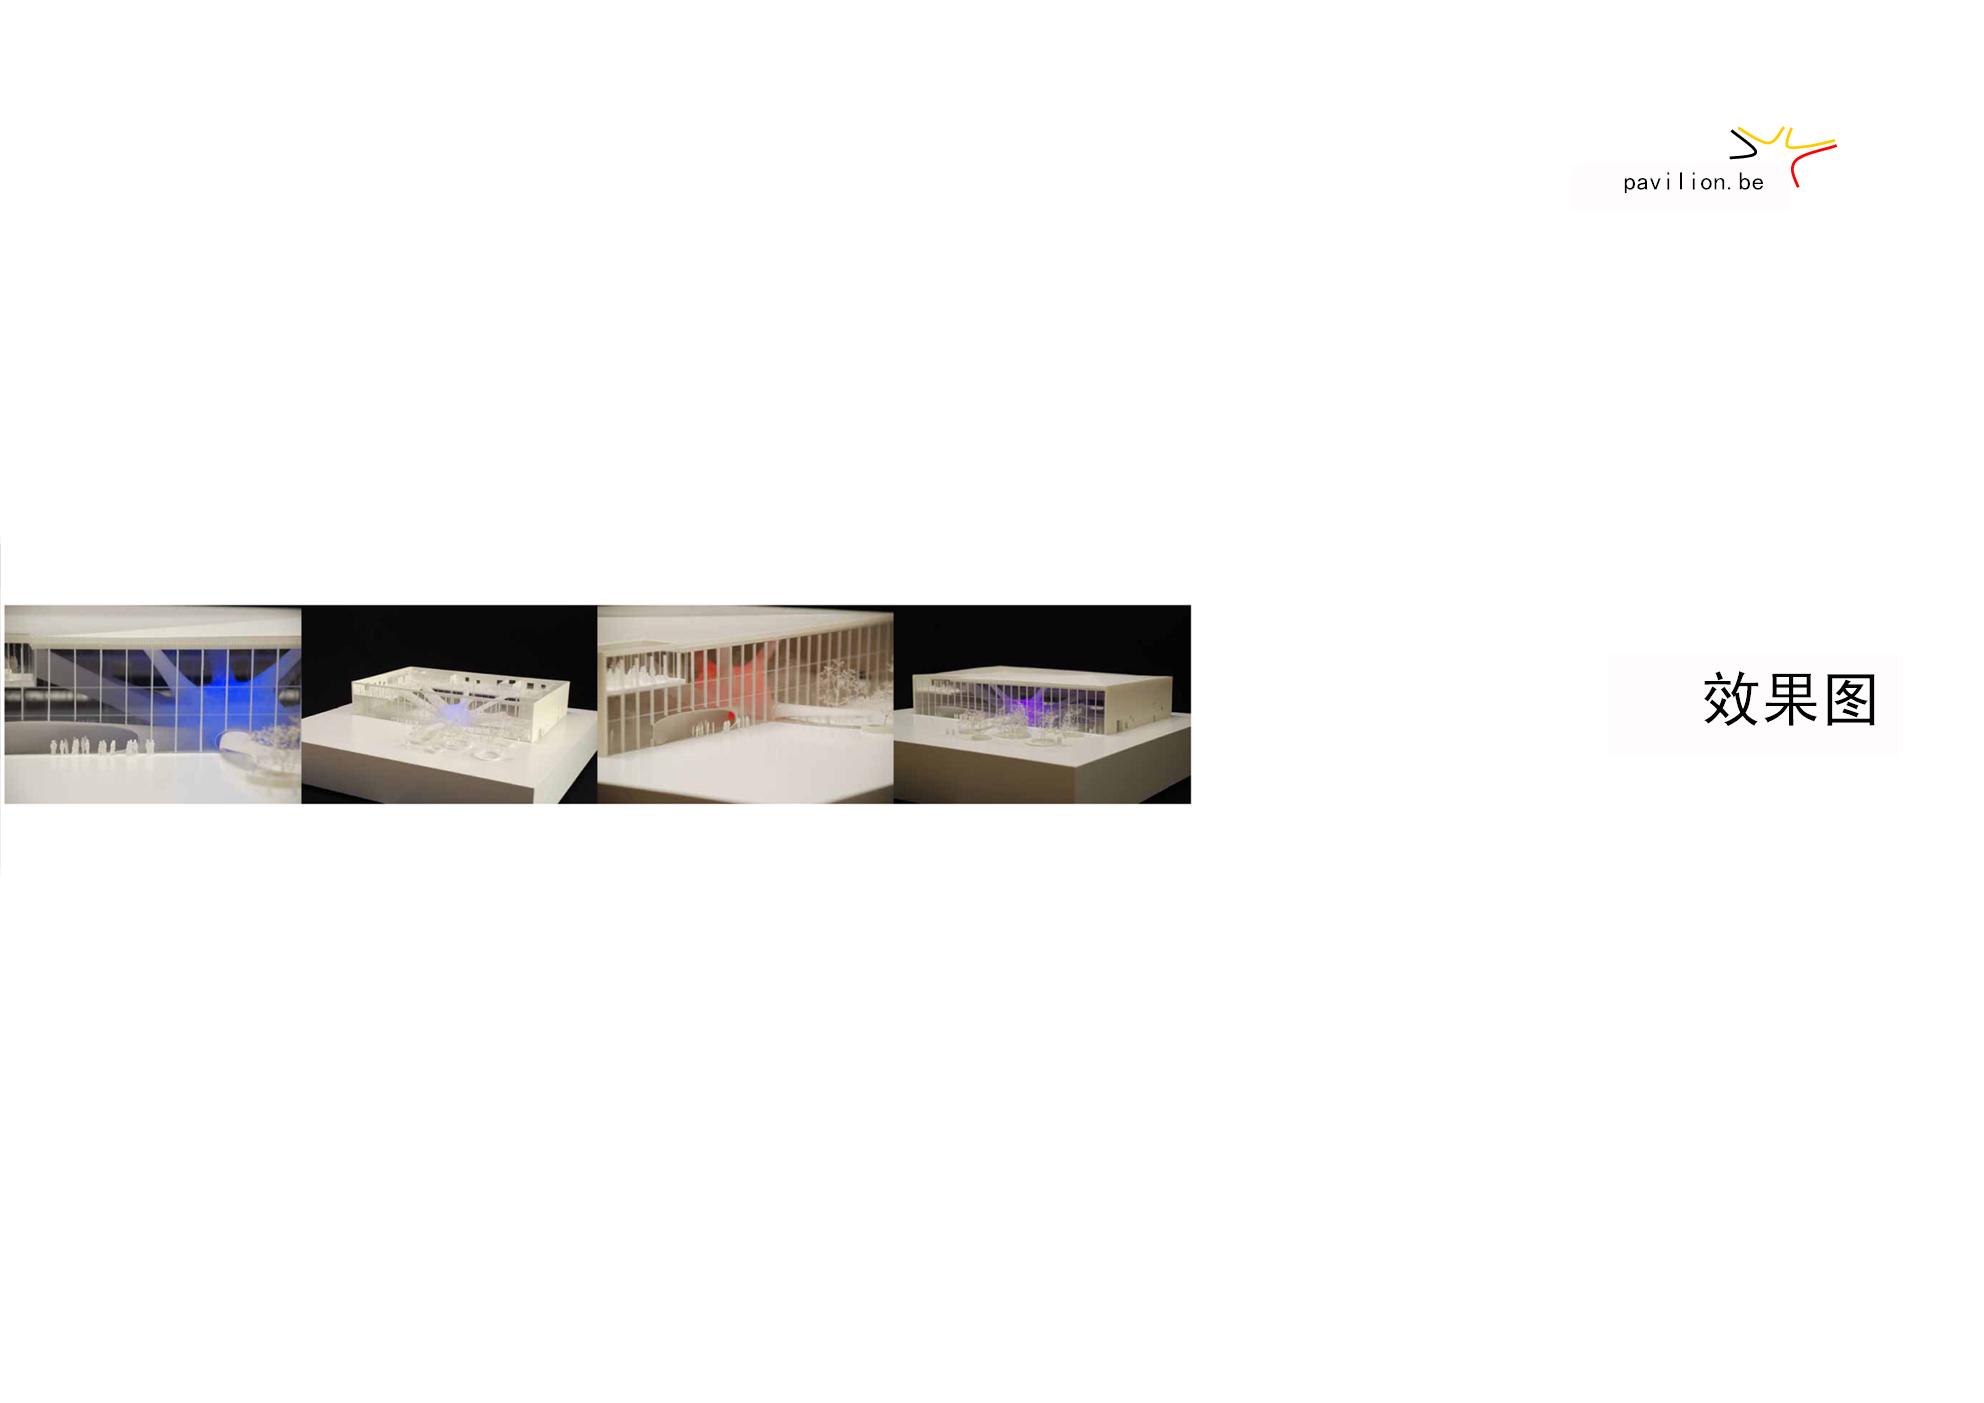 上海世博会比利时馆全套施工图